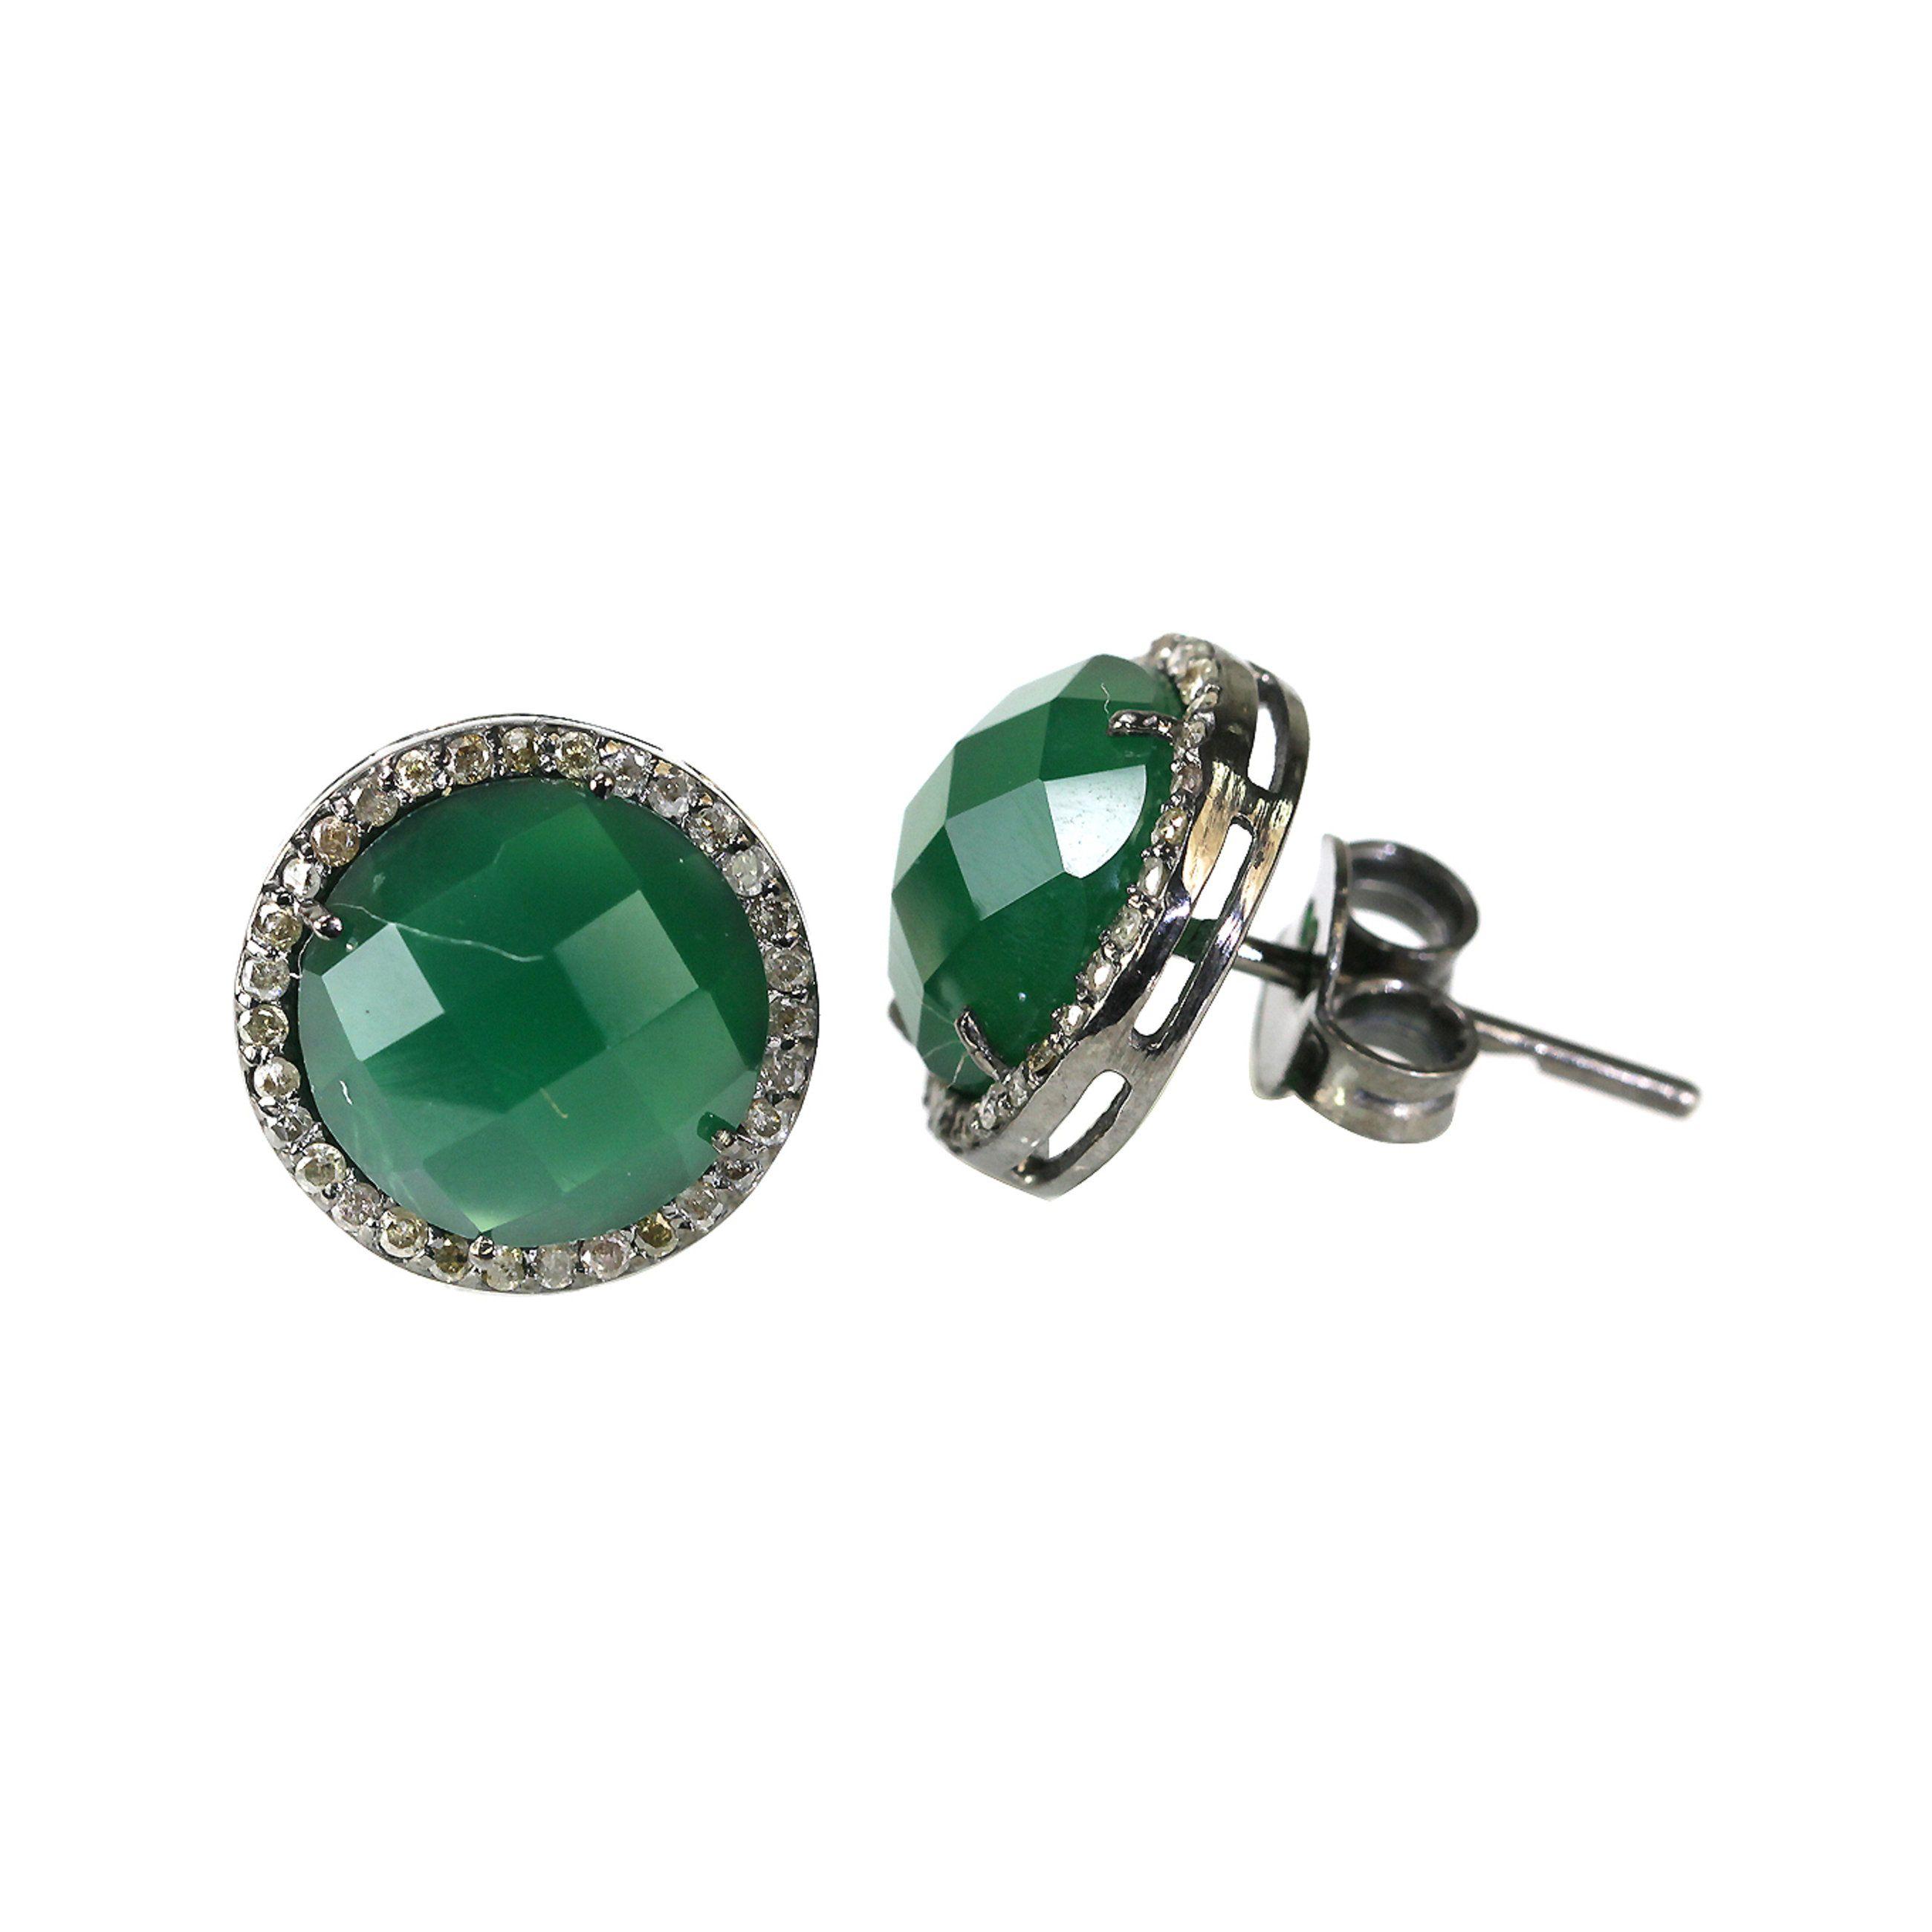 Natural Diamond Earring,925 Silver Earring,Womens Earring,Valentine Gift,Pave Earrings,Anniversary Gift,Gift For Her,Fidget Earring.